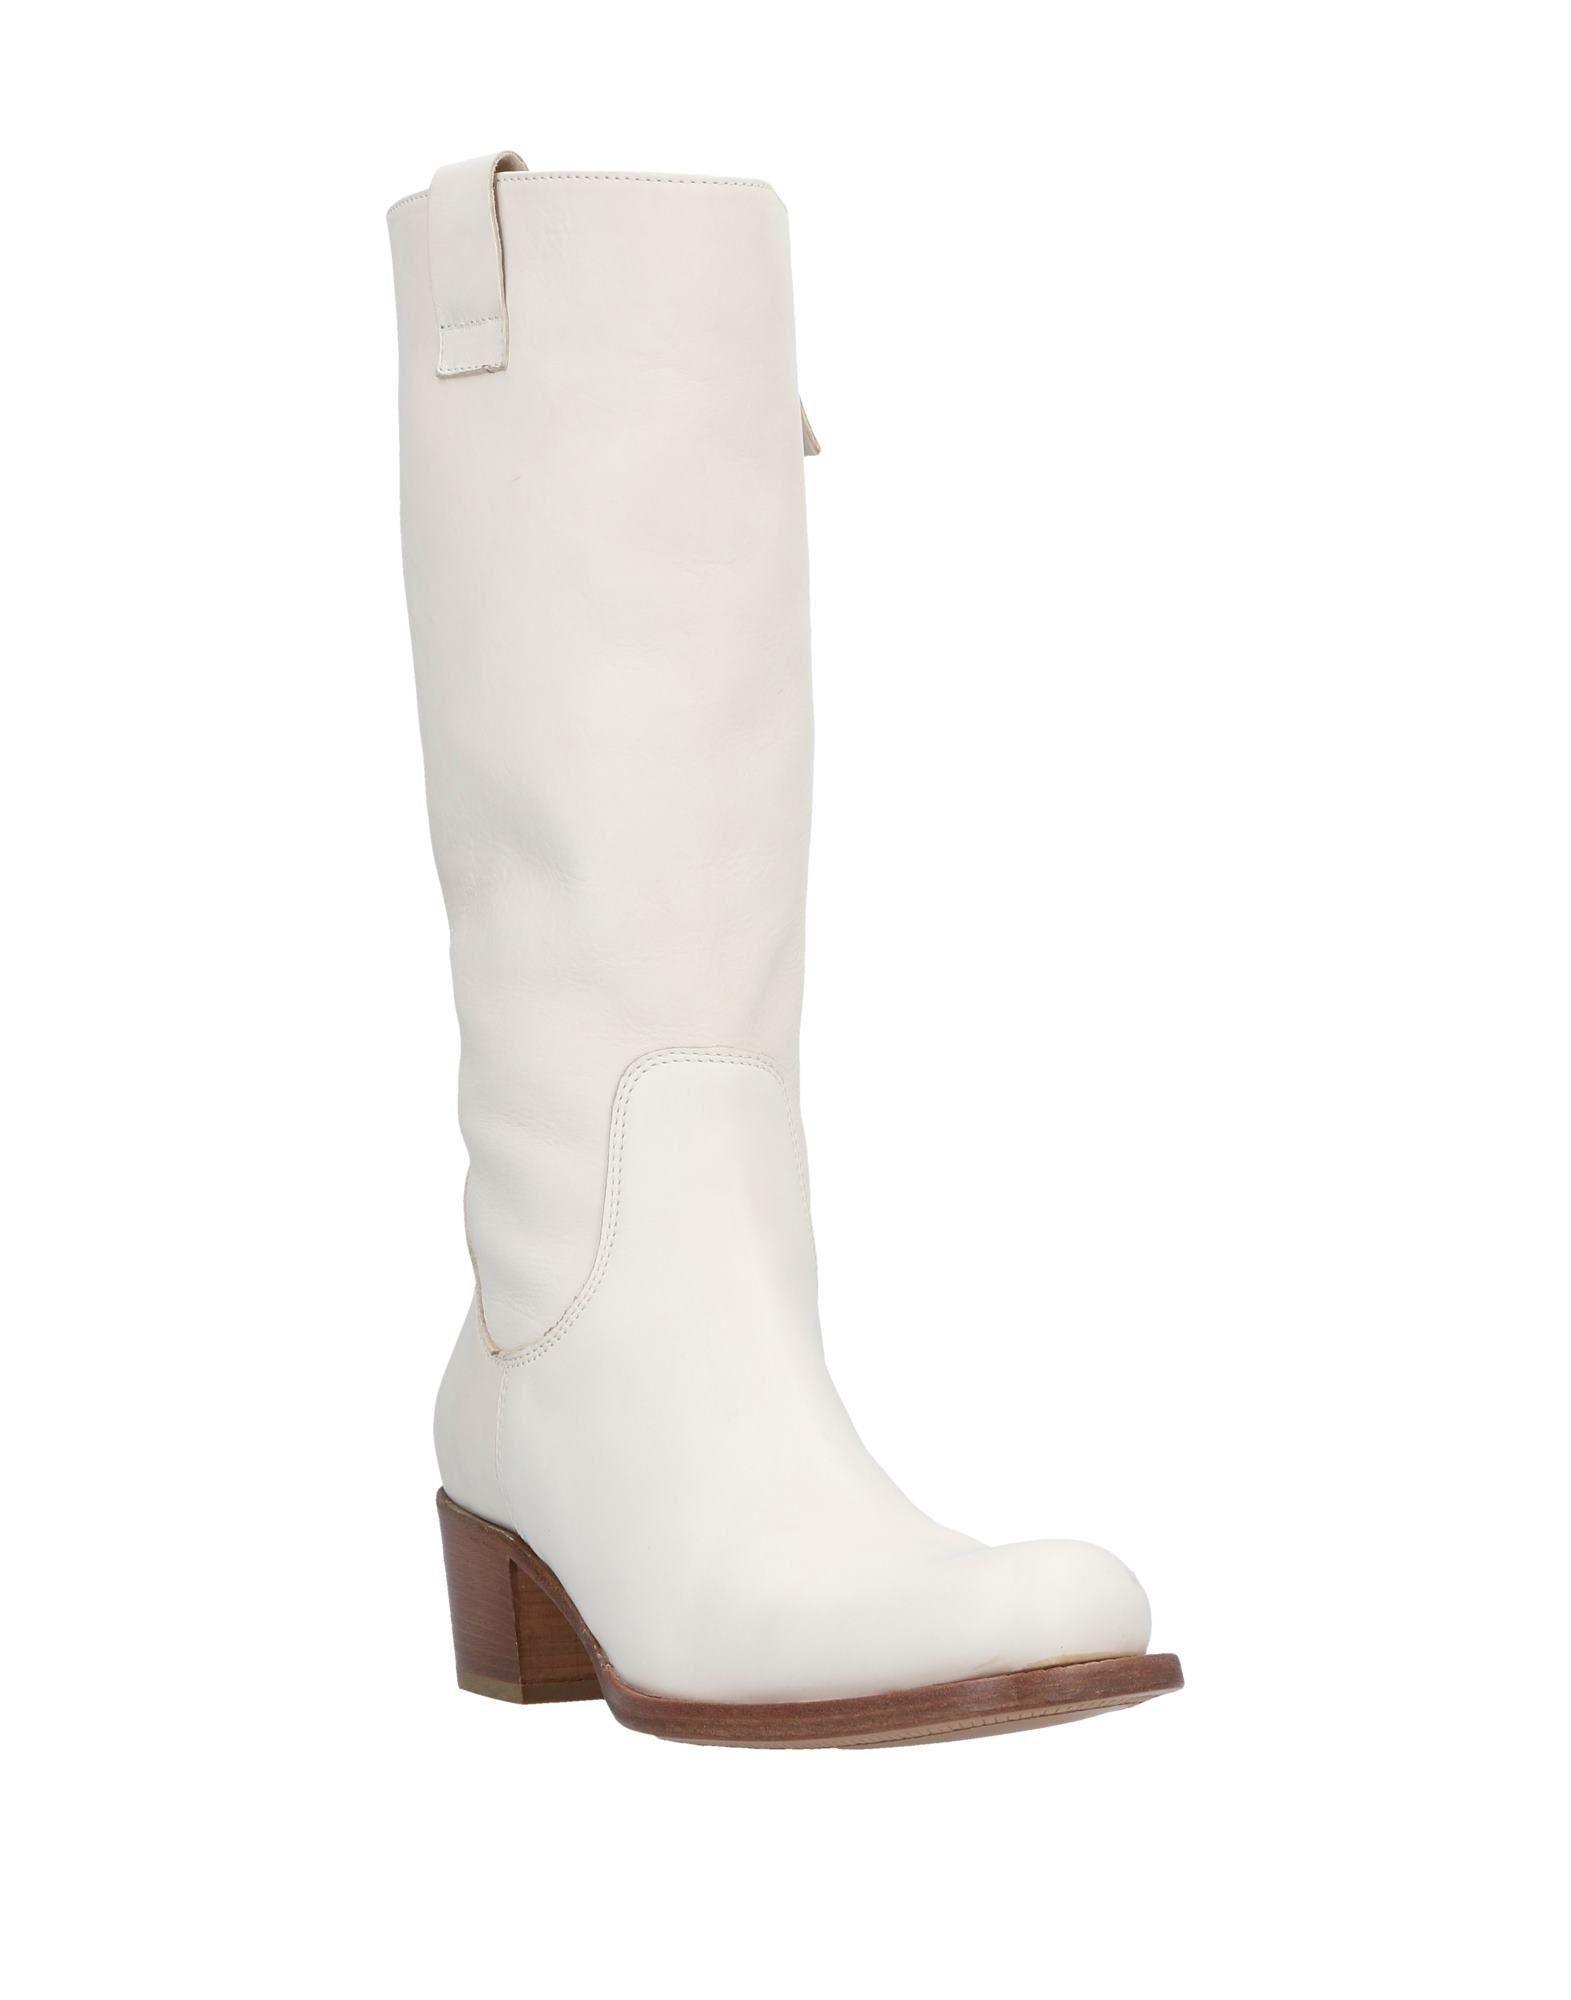 Billig-2812,Buttero® Stiefel Damen Gutes Preis-Leistungs-Verhältnis, sich es lohnt sich Preis-Leistungs-Verhältnis, b69b2a